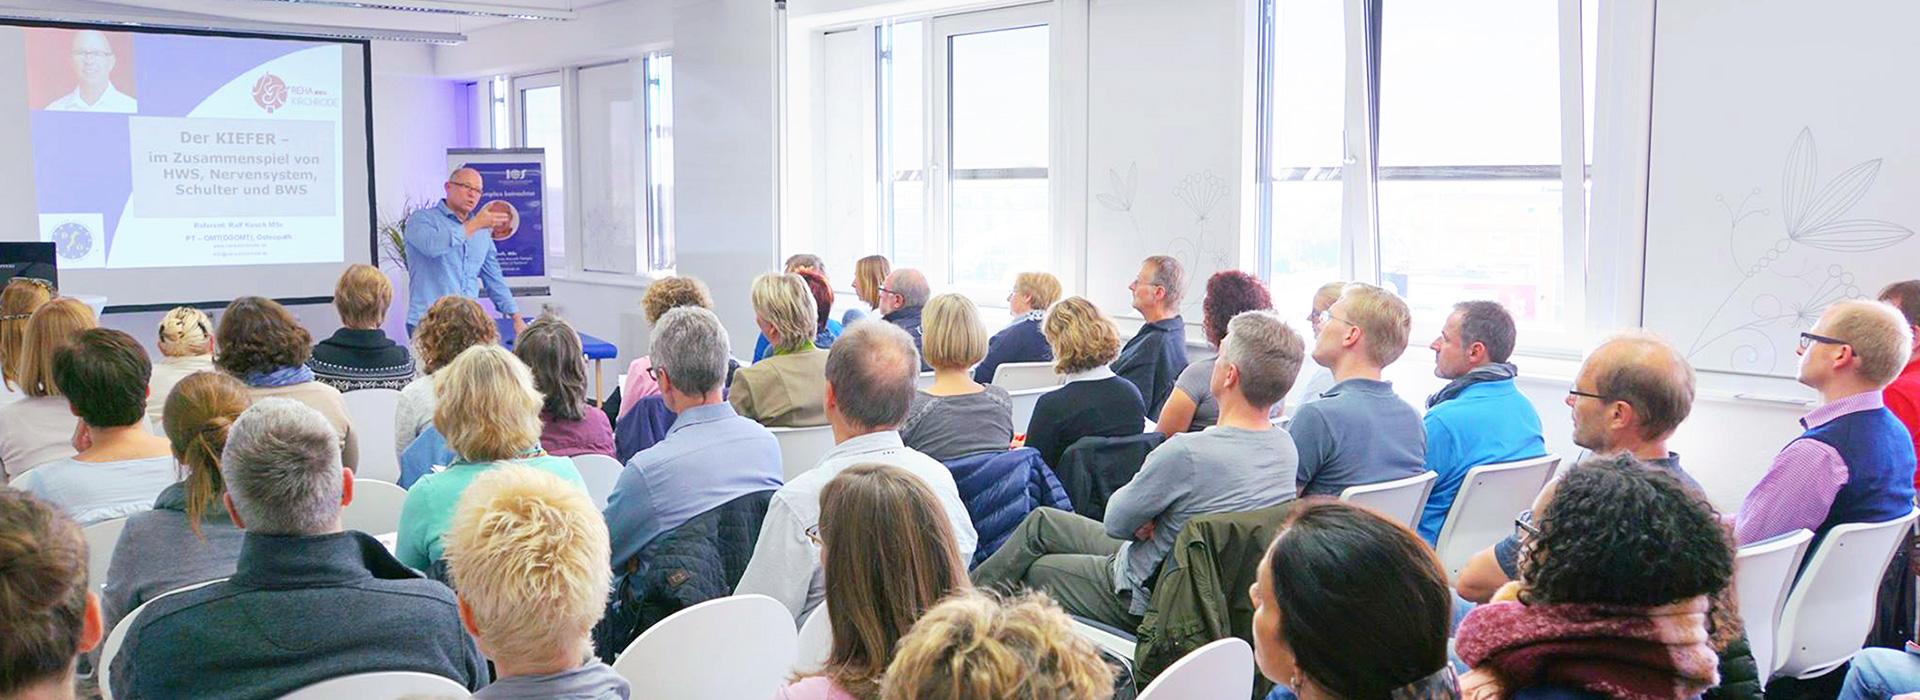 Zahnspangenwelt Fortbilungen und Seminare